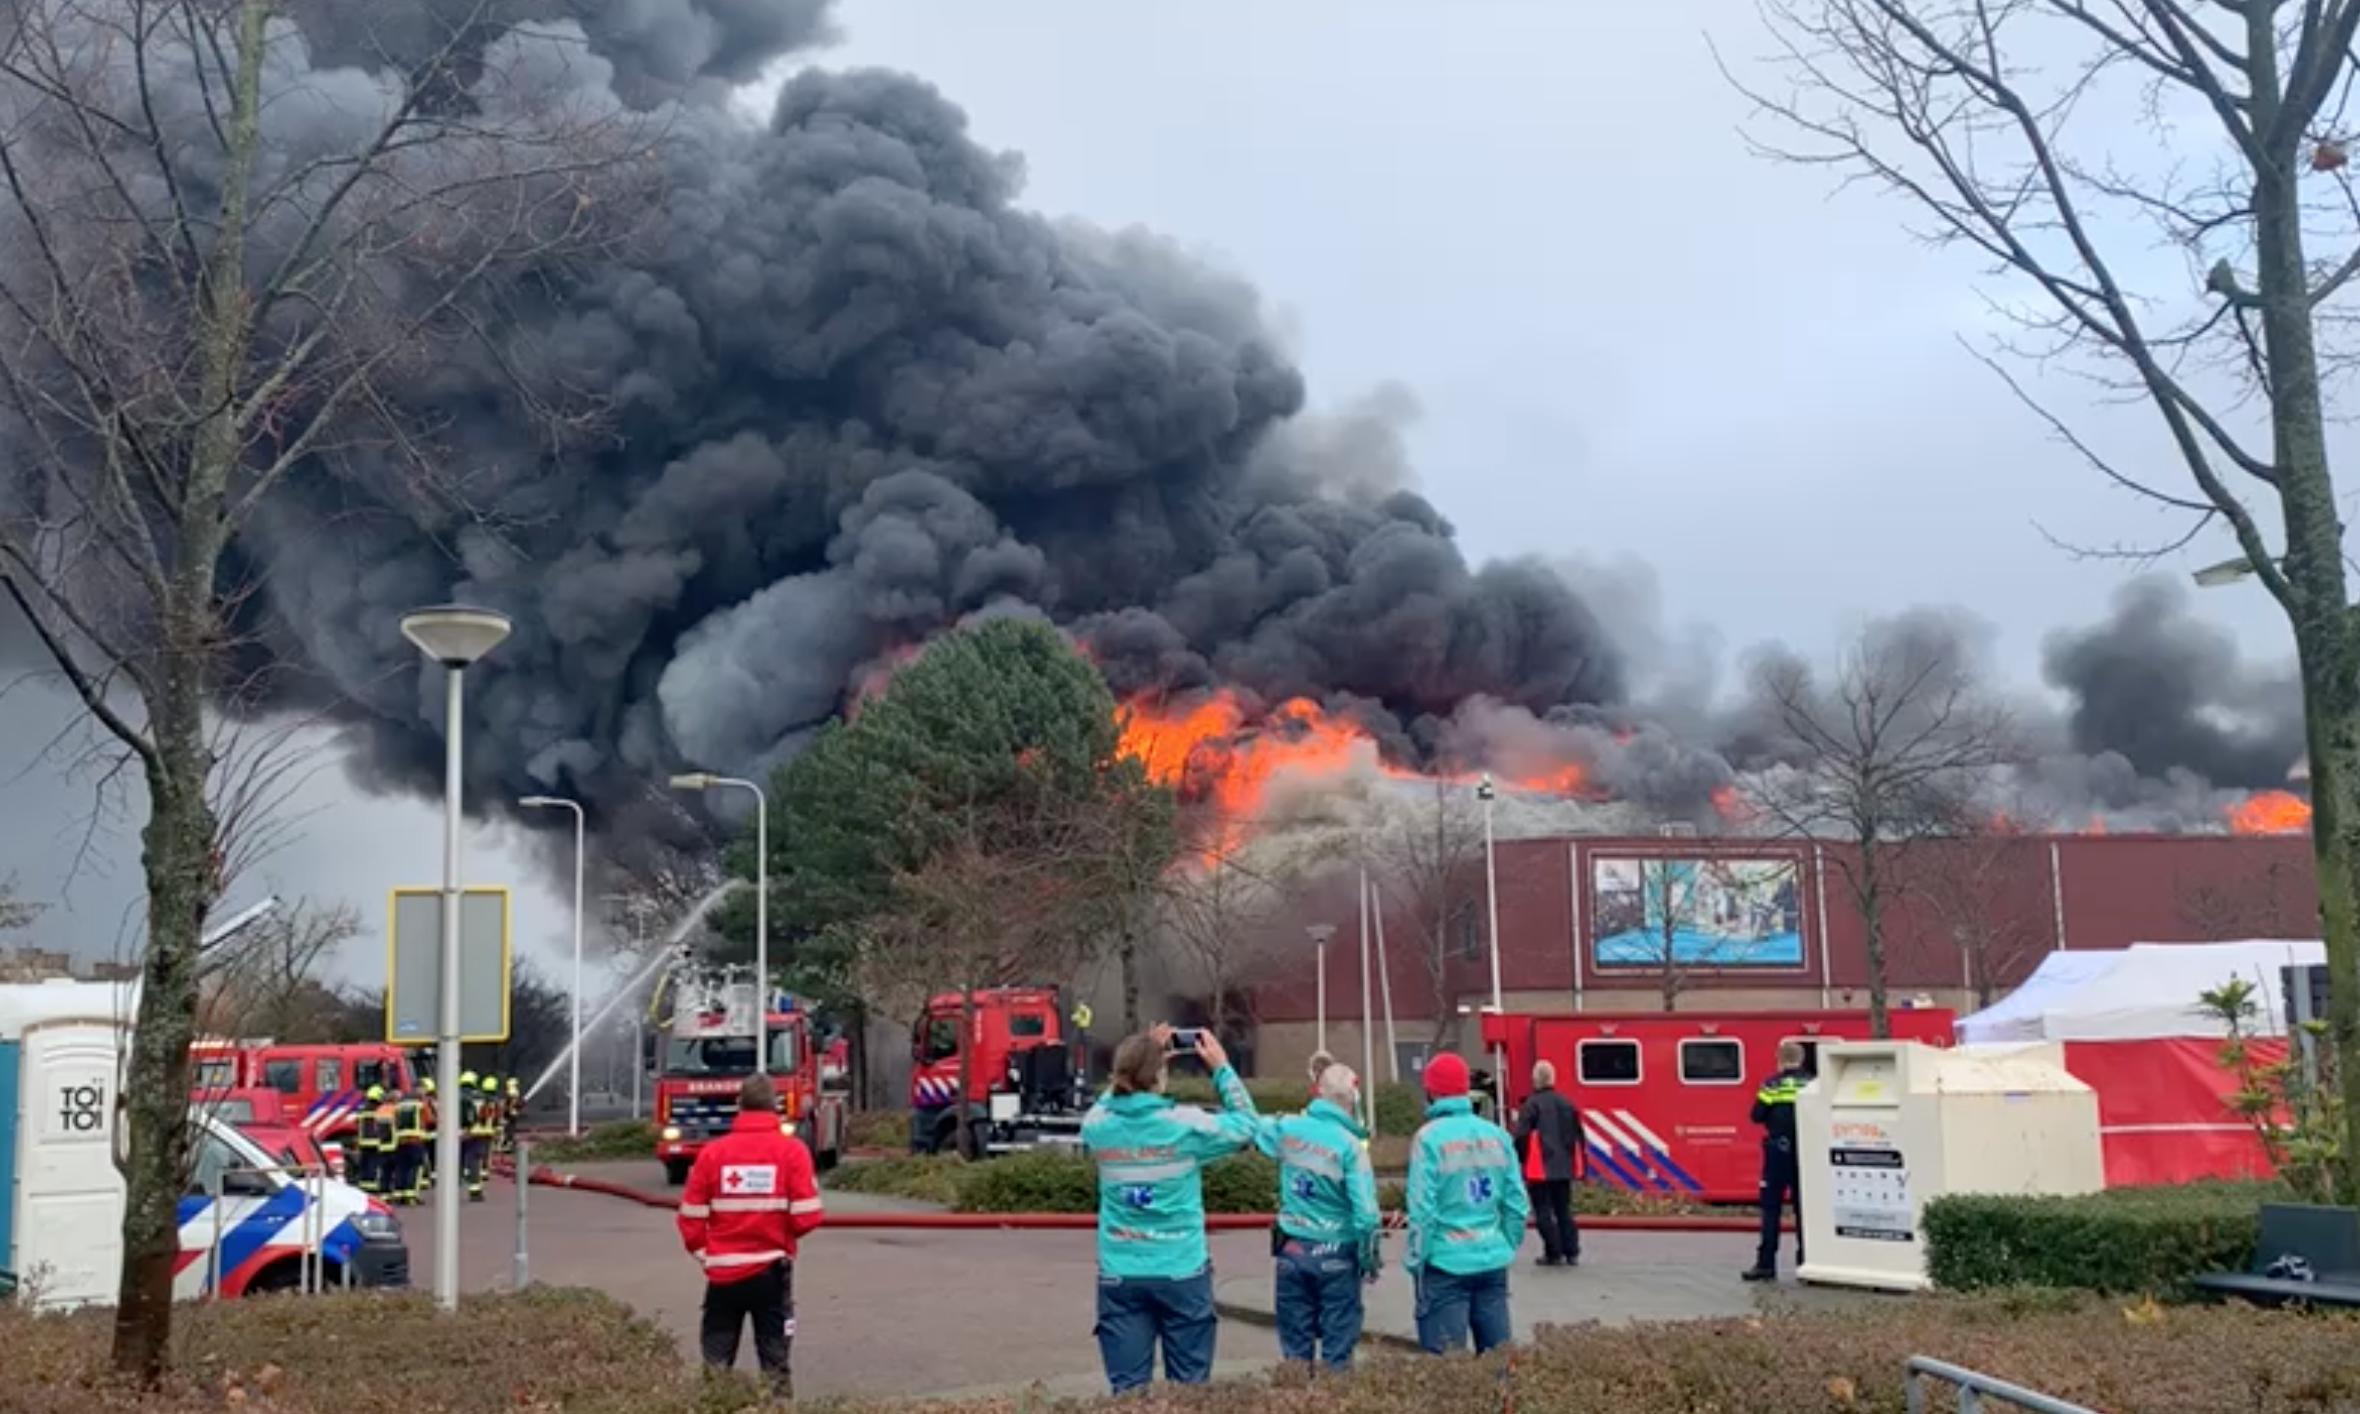 Sporthal en theaterzaal De Schelft in Noordwijkerhout volledig uitgebrand, zwembad is gespaard gebleven [video] [update]